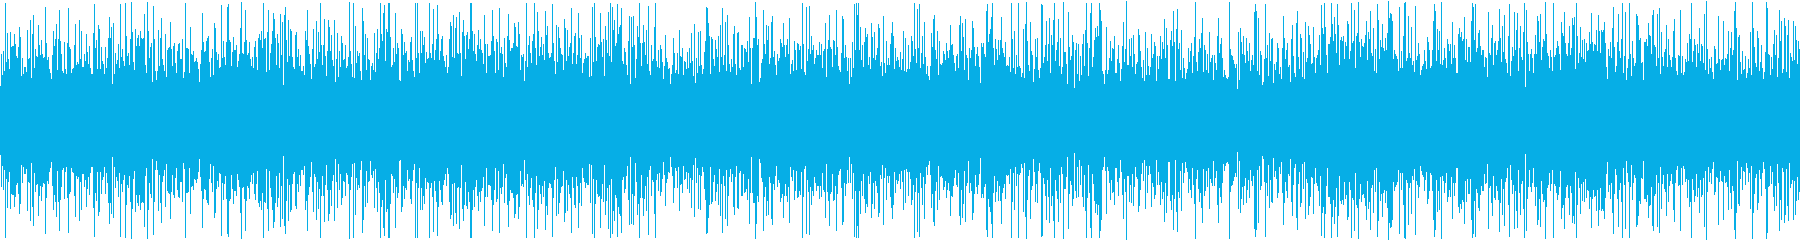 ザァー(AMラジオのノイズC)ループ処理の再生済みの波形